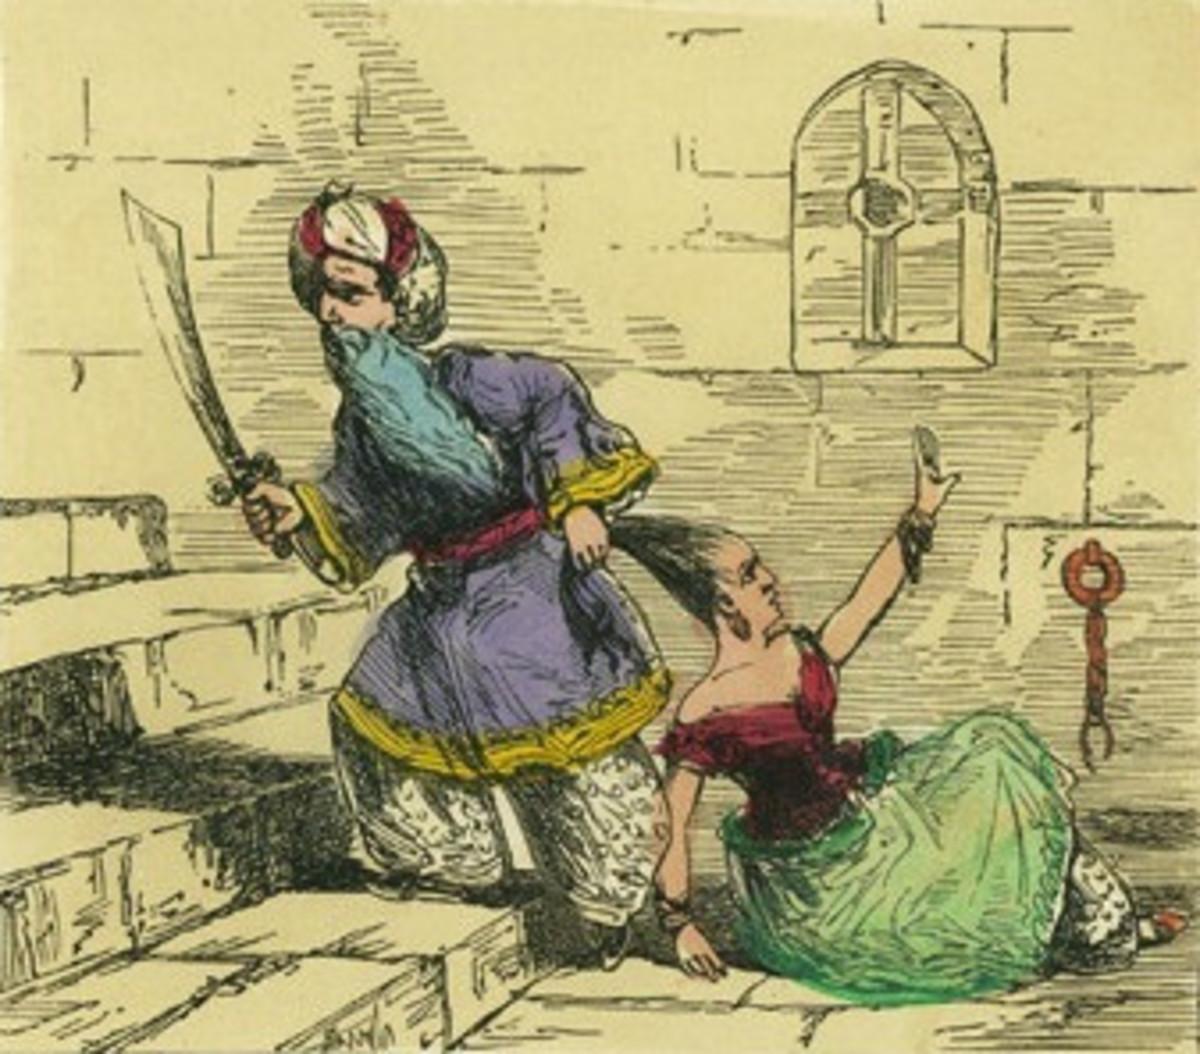 Vintage illustration of Bluebeard by Edmund Evans